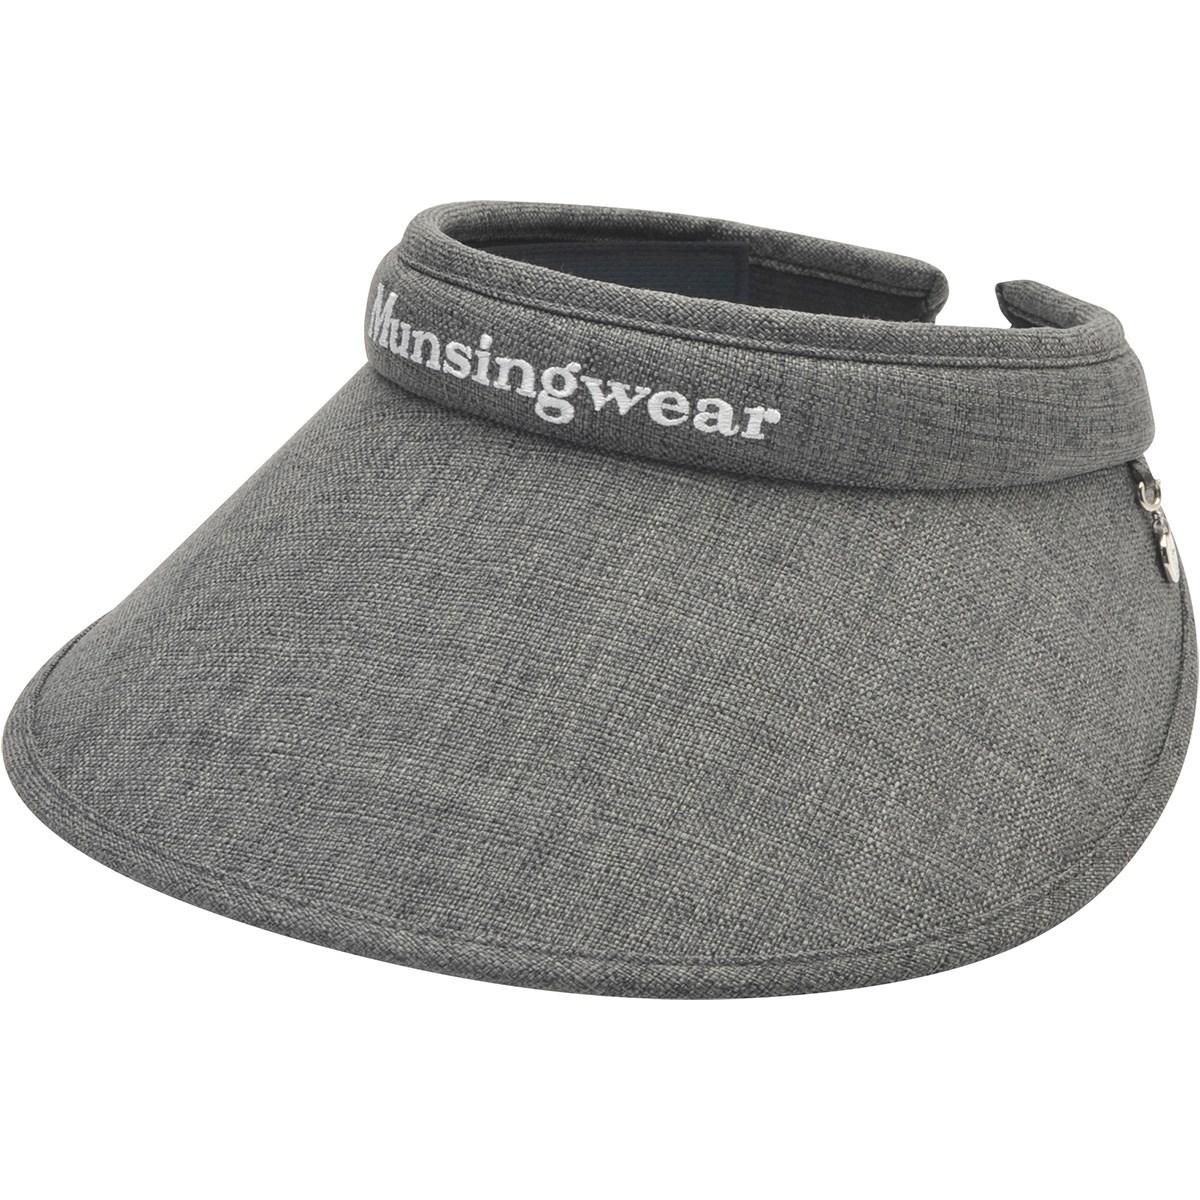 マンシングウェア Munsingwear クリップサンバイザー フリー グレー 00 レディス